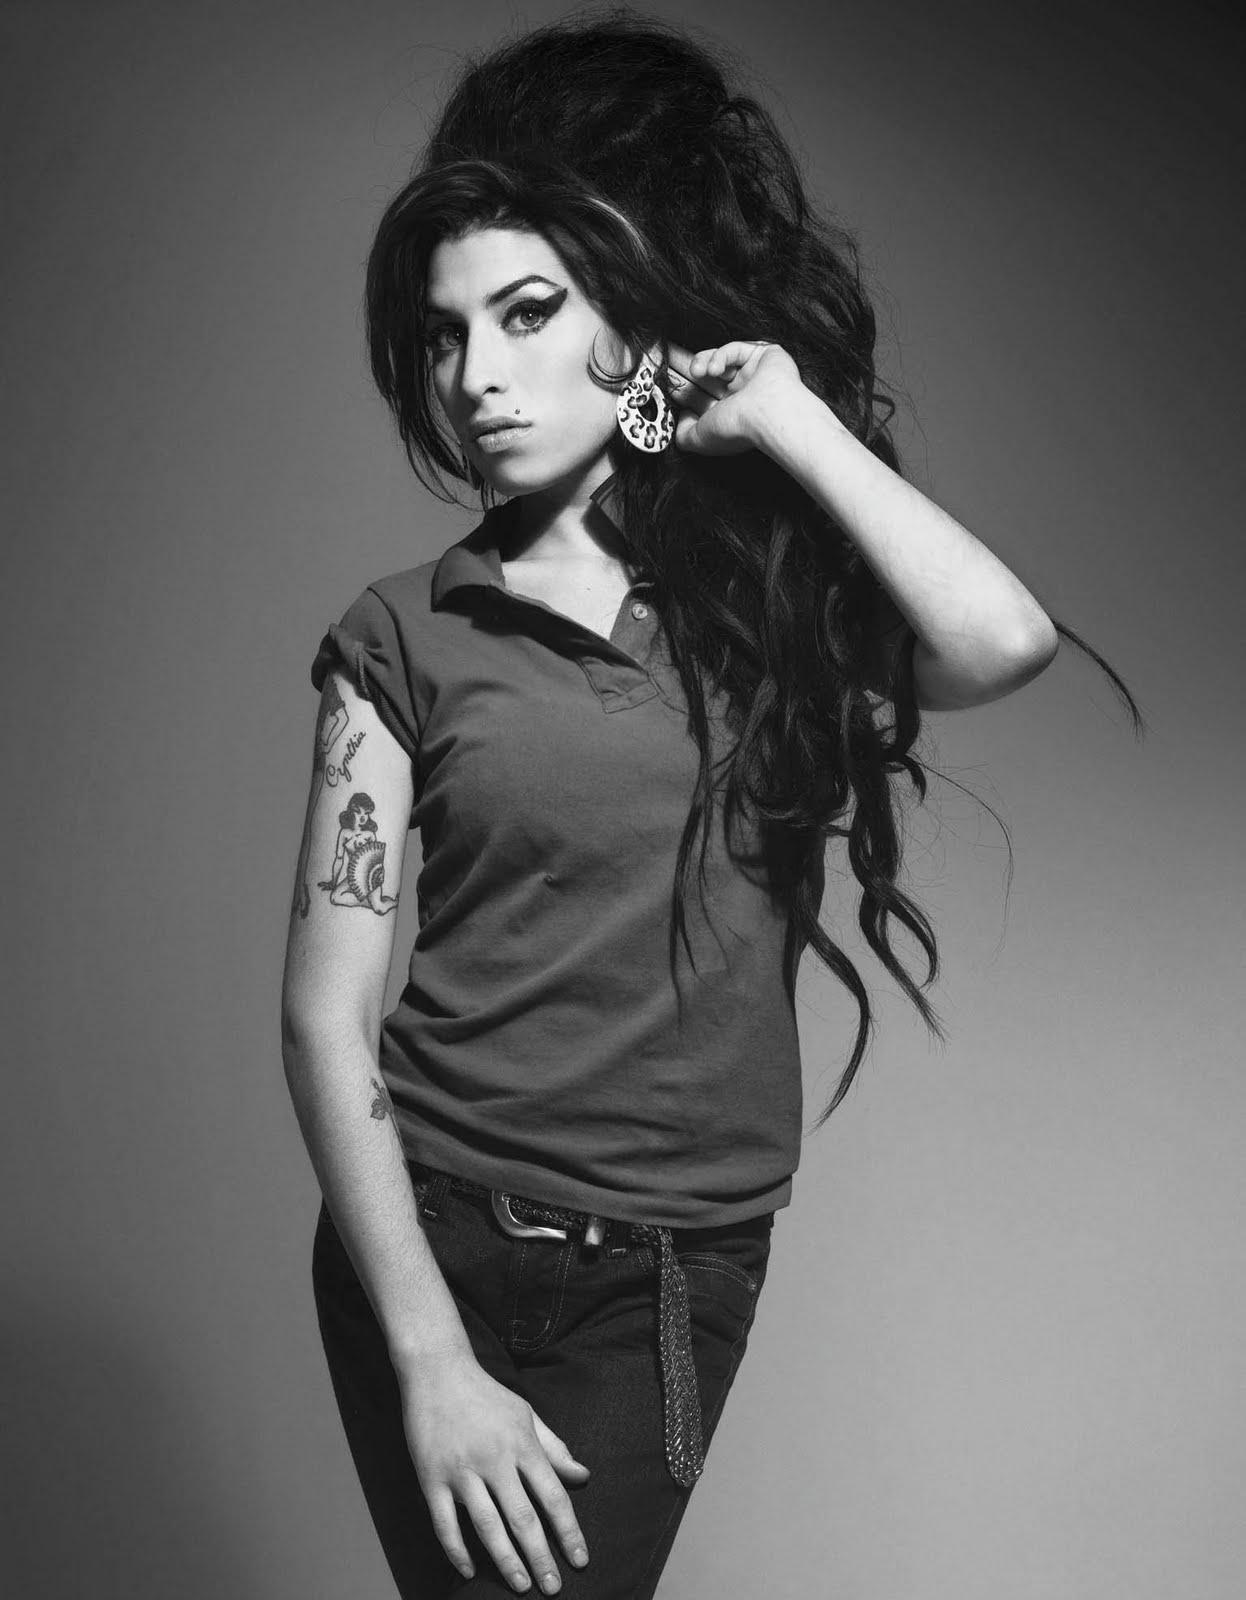 El Arcangelino 2.0: In... Amy Winehouse